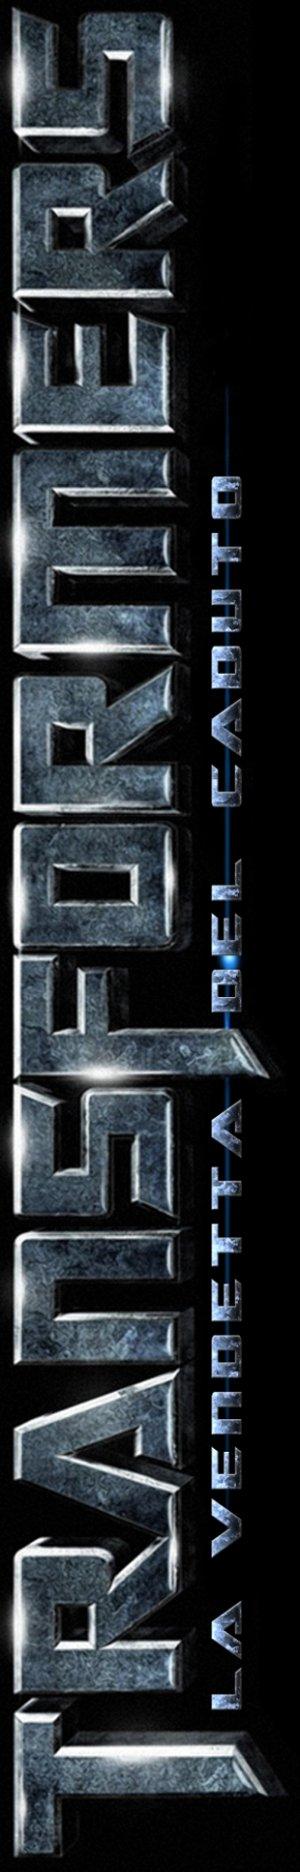 Transformers: Die Rache 310x1934